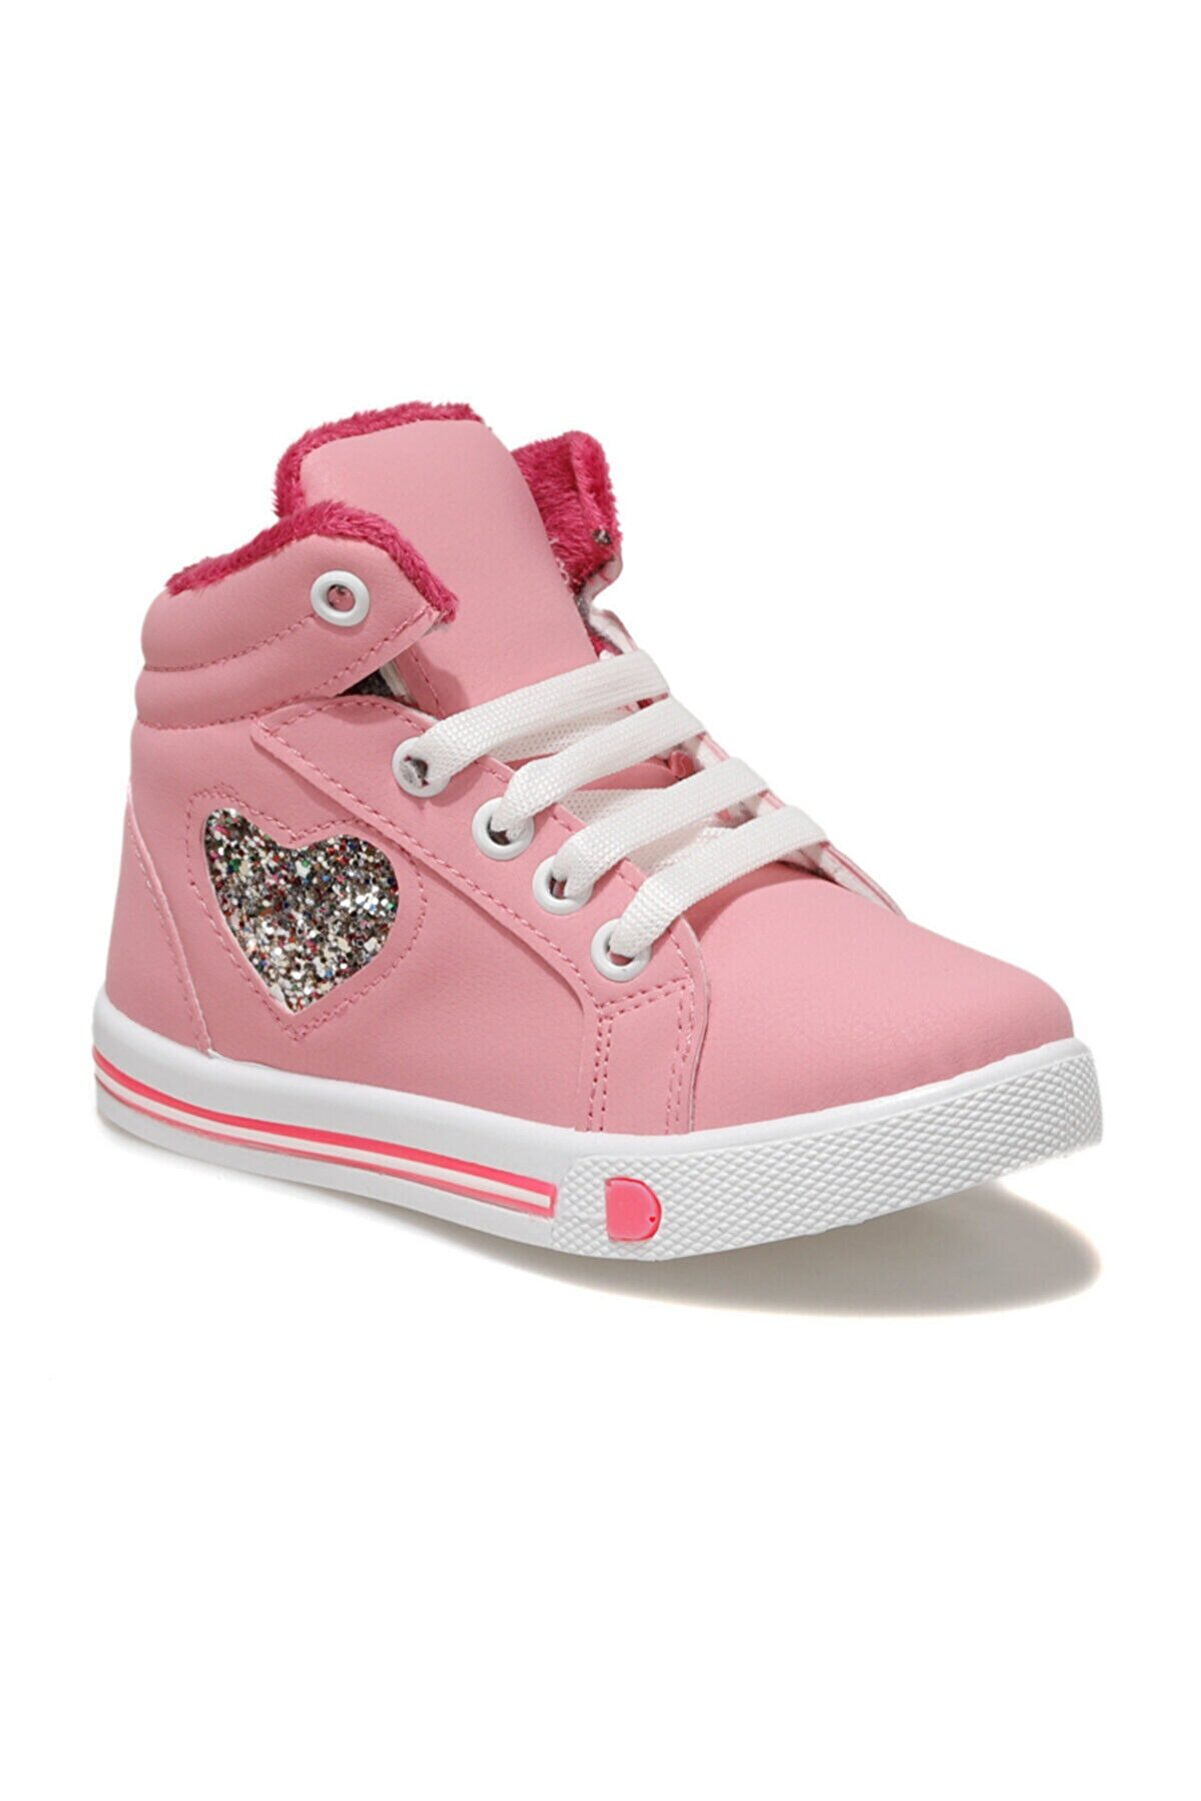 Polaris 92.510832.P Pembe Kız Çocuk Sneaker Ayakkabı 100422795